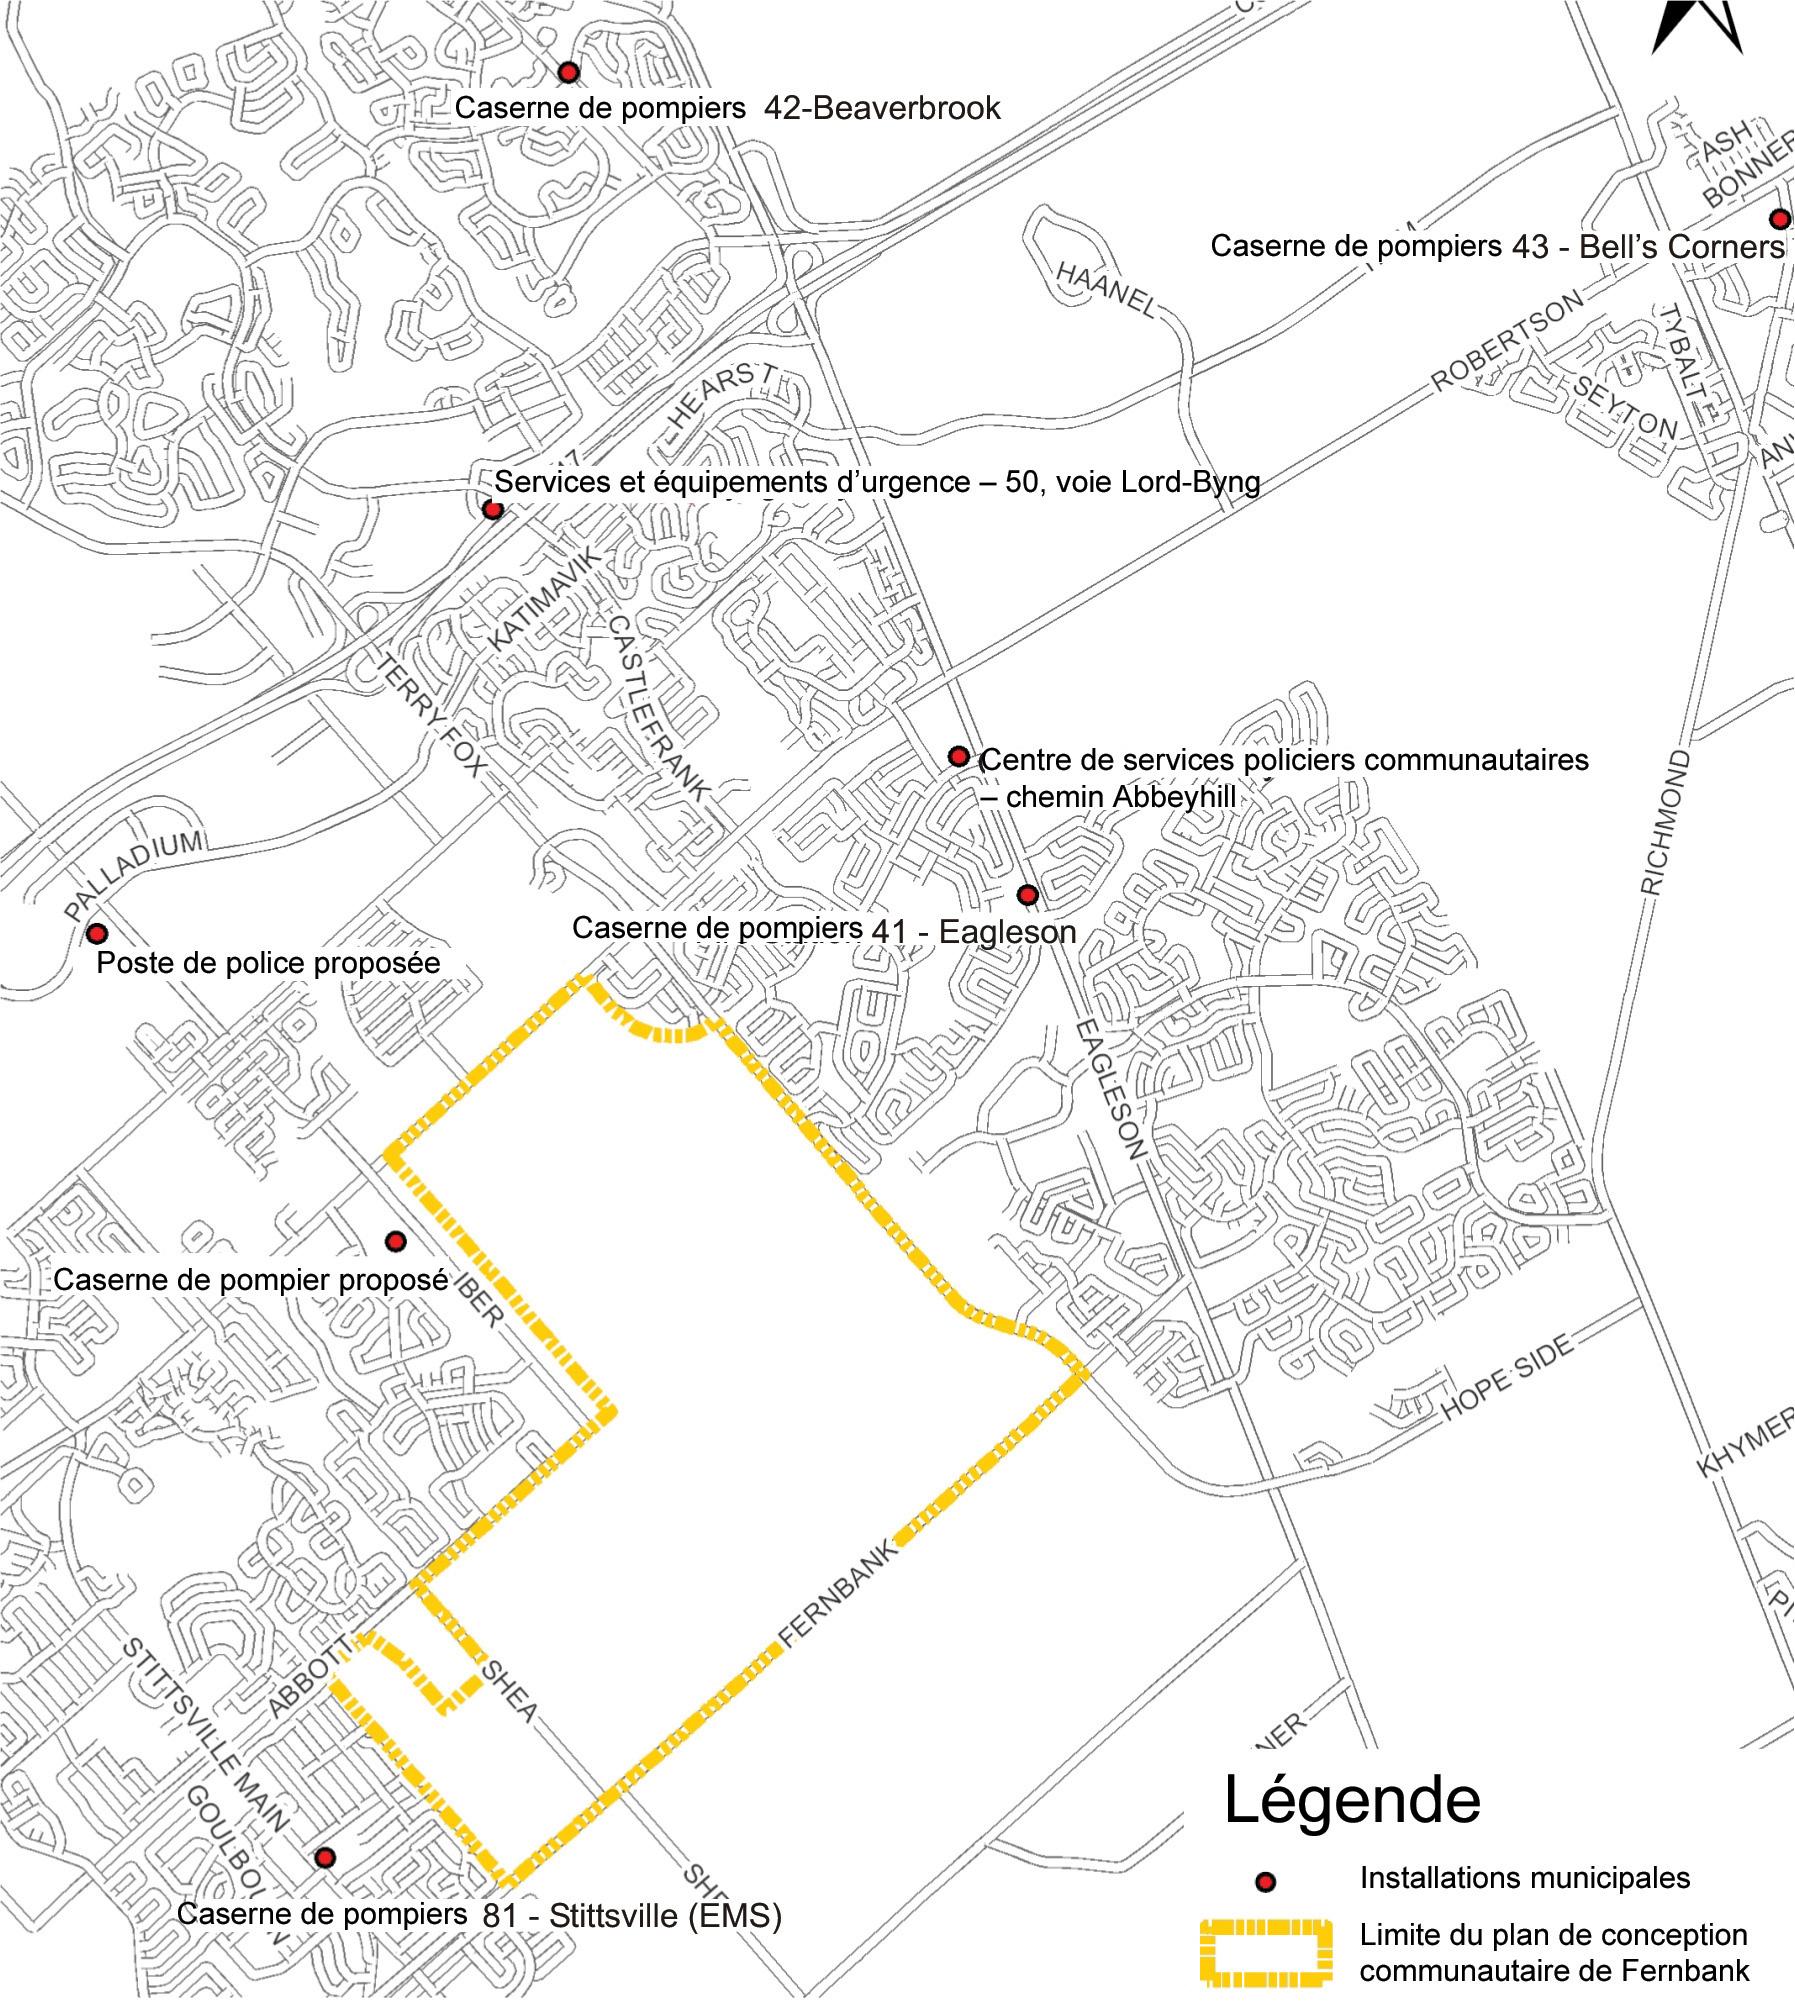 Plan de conception communautaire de fernbank ville d 39 ottawa for Plan de conception